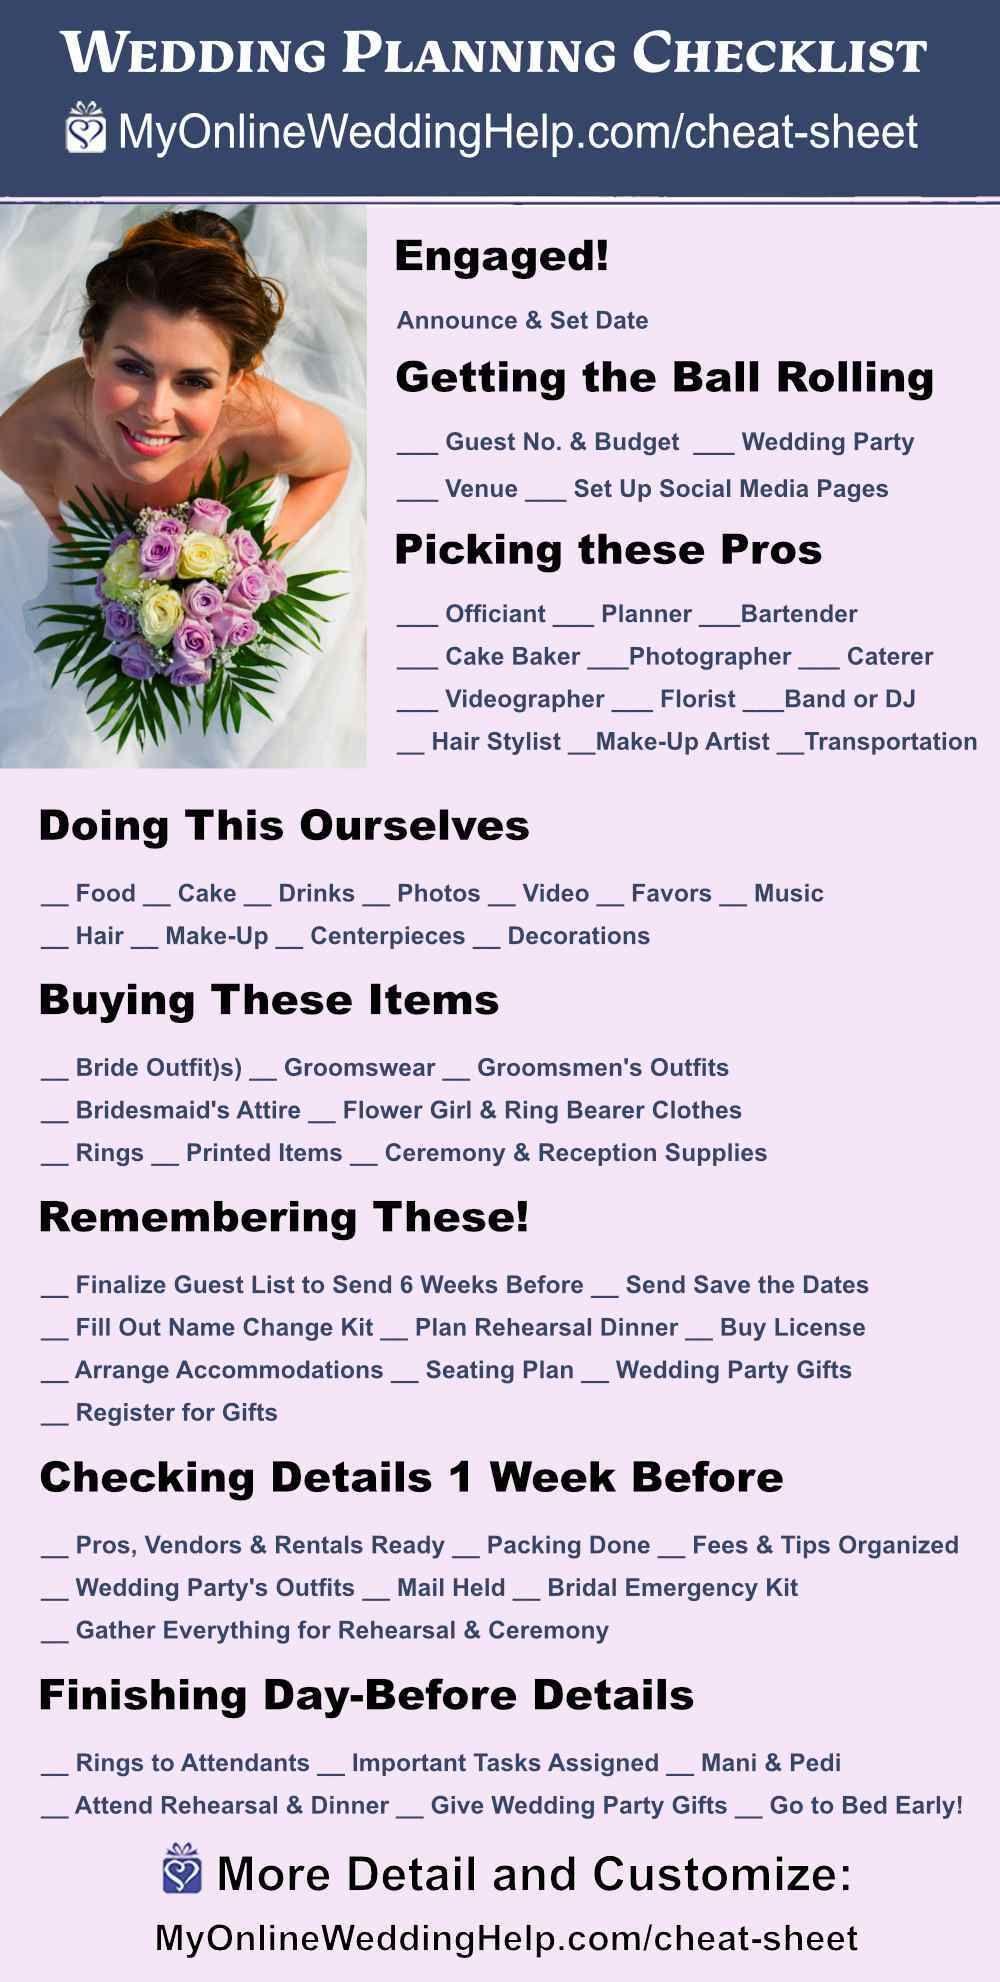 7 Step Wedding Guide Checklist And Printable Cheat Sheet Wedding Planning Checklist Wedding Planning Checklist Free Printable Wedding Planning Checklist Printable